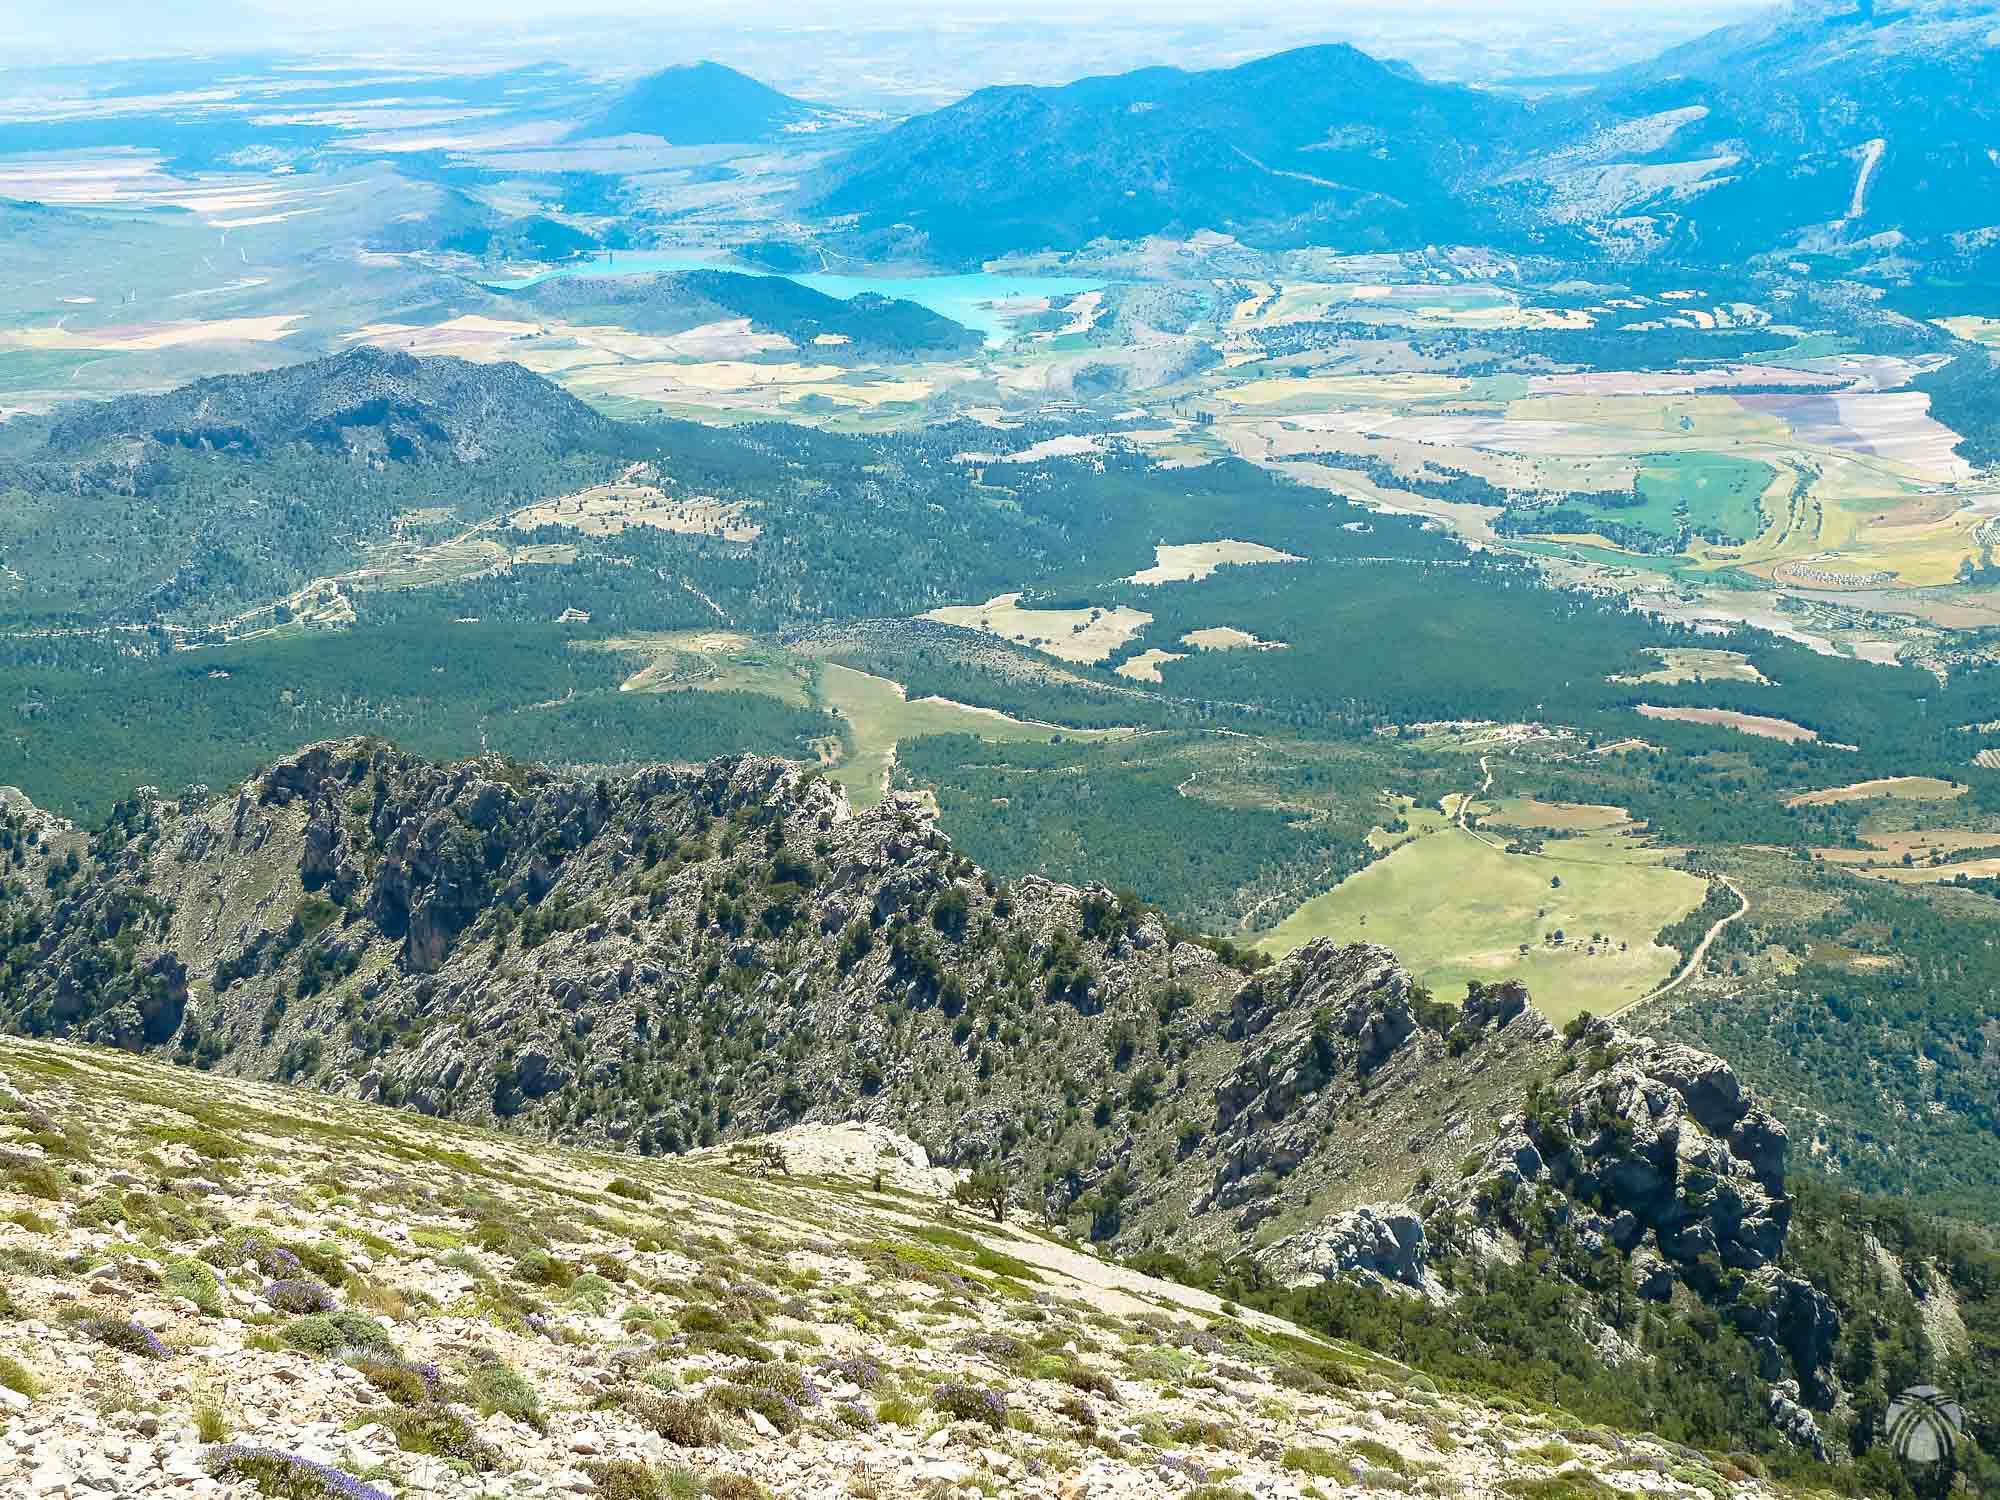 La cresta sur vista desde arriba